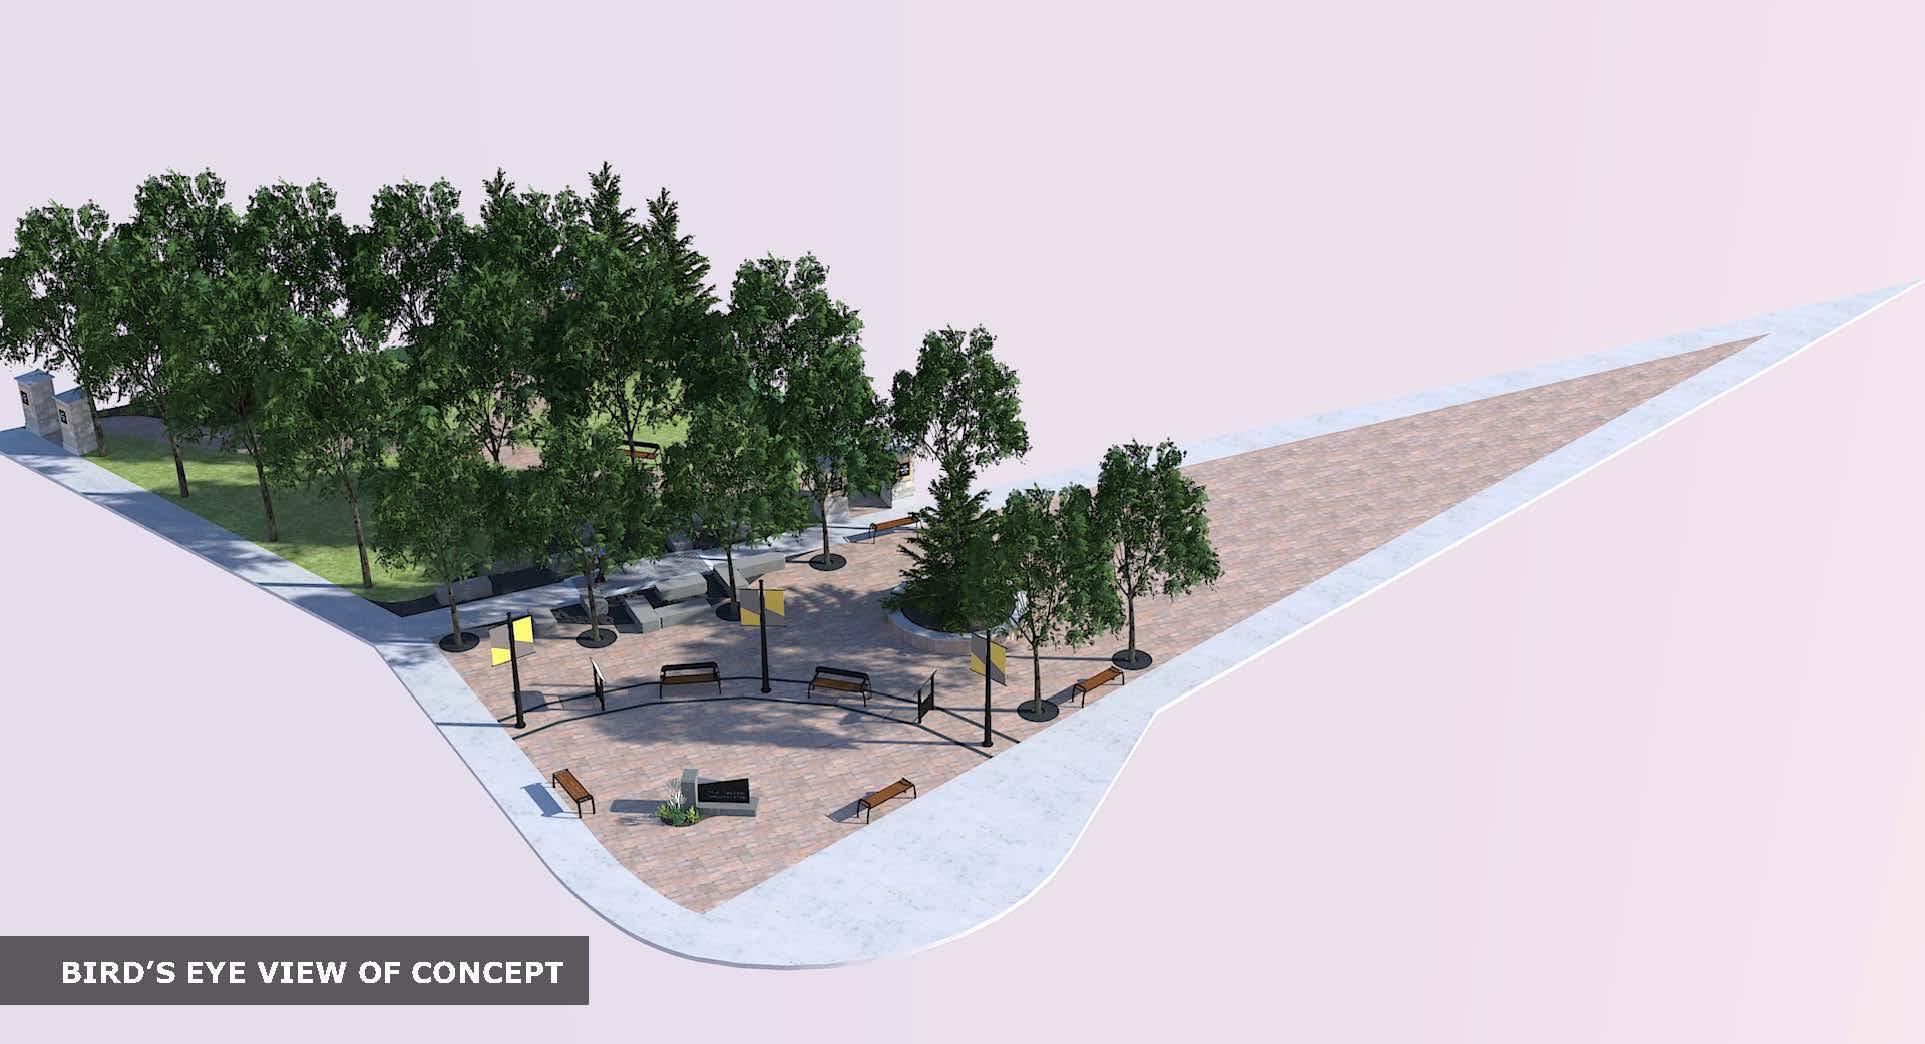 COMMUNITY PARK CONCEPT 1